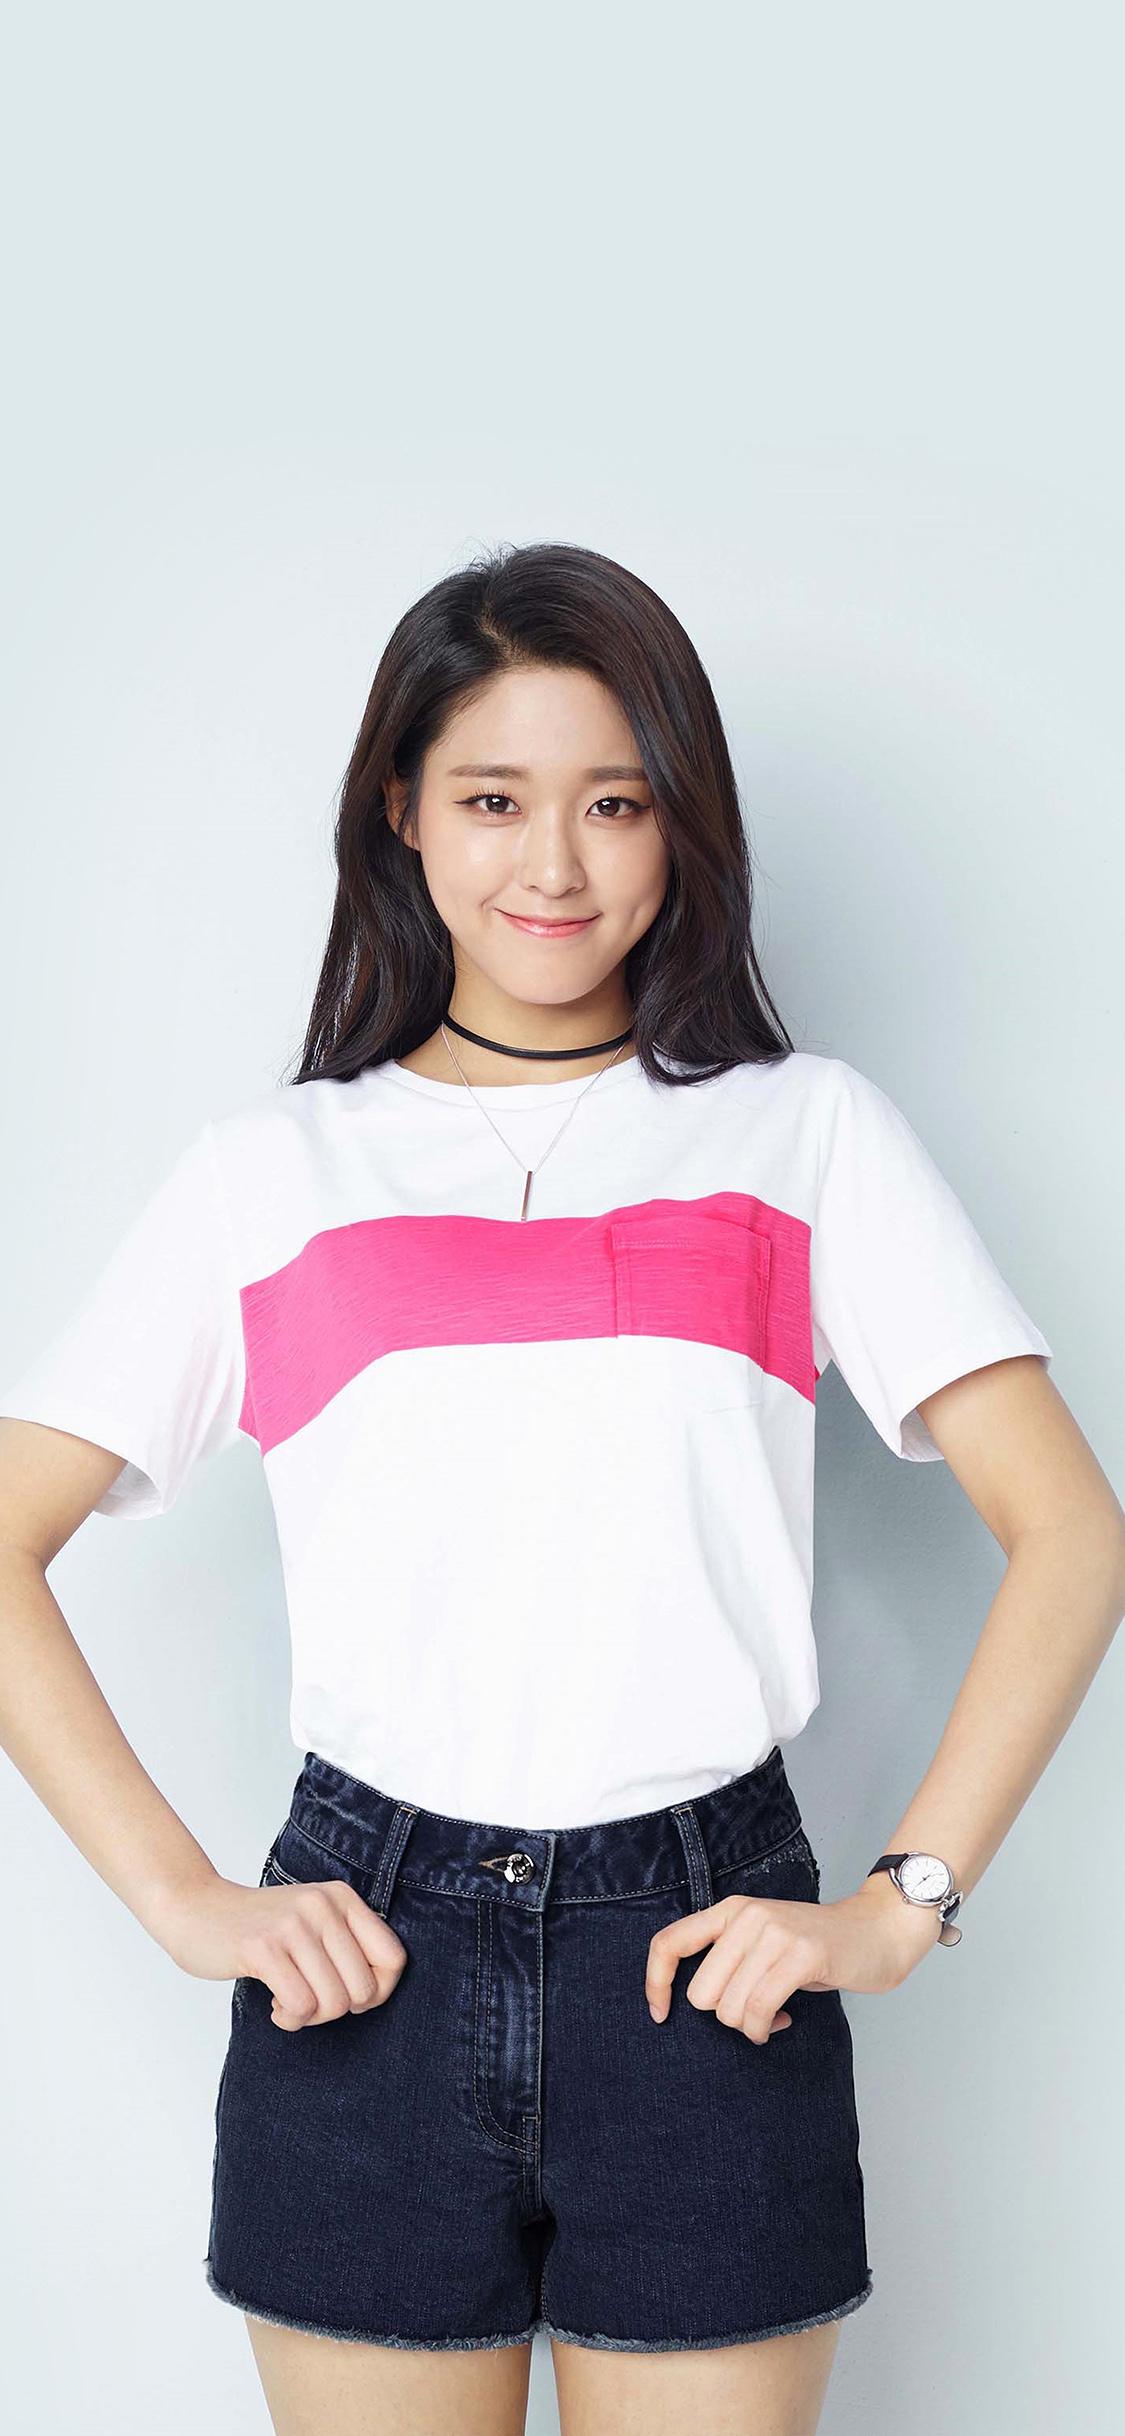 iPhoneXpapers.com-Apple-iPhone-wallpaper-hi87-seolhyun-kpop-girl-cute